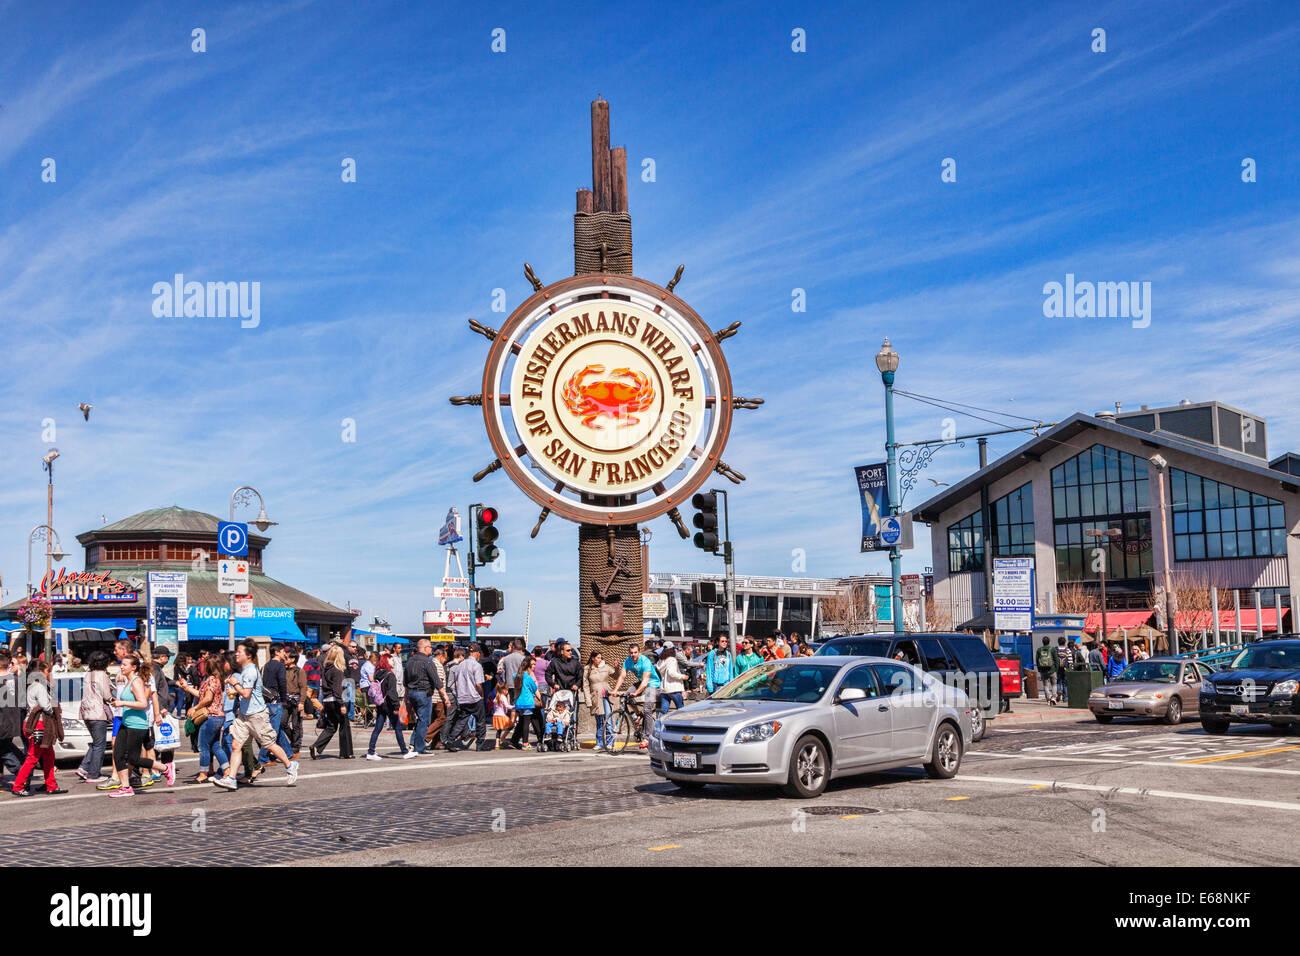 Las multitudes de gente en un intenso fin de semana en Fishermans Wharf, San Francisco. Imagen De Stock